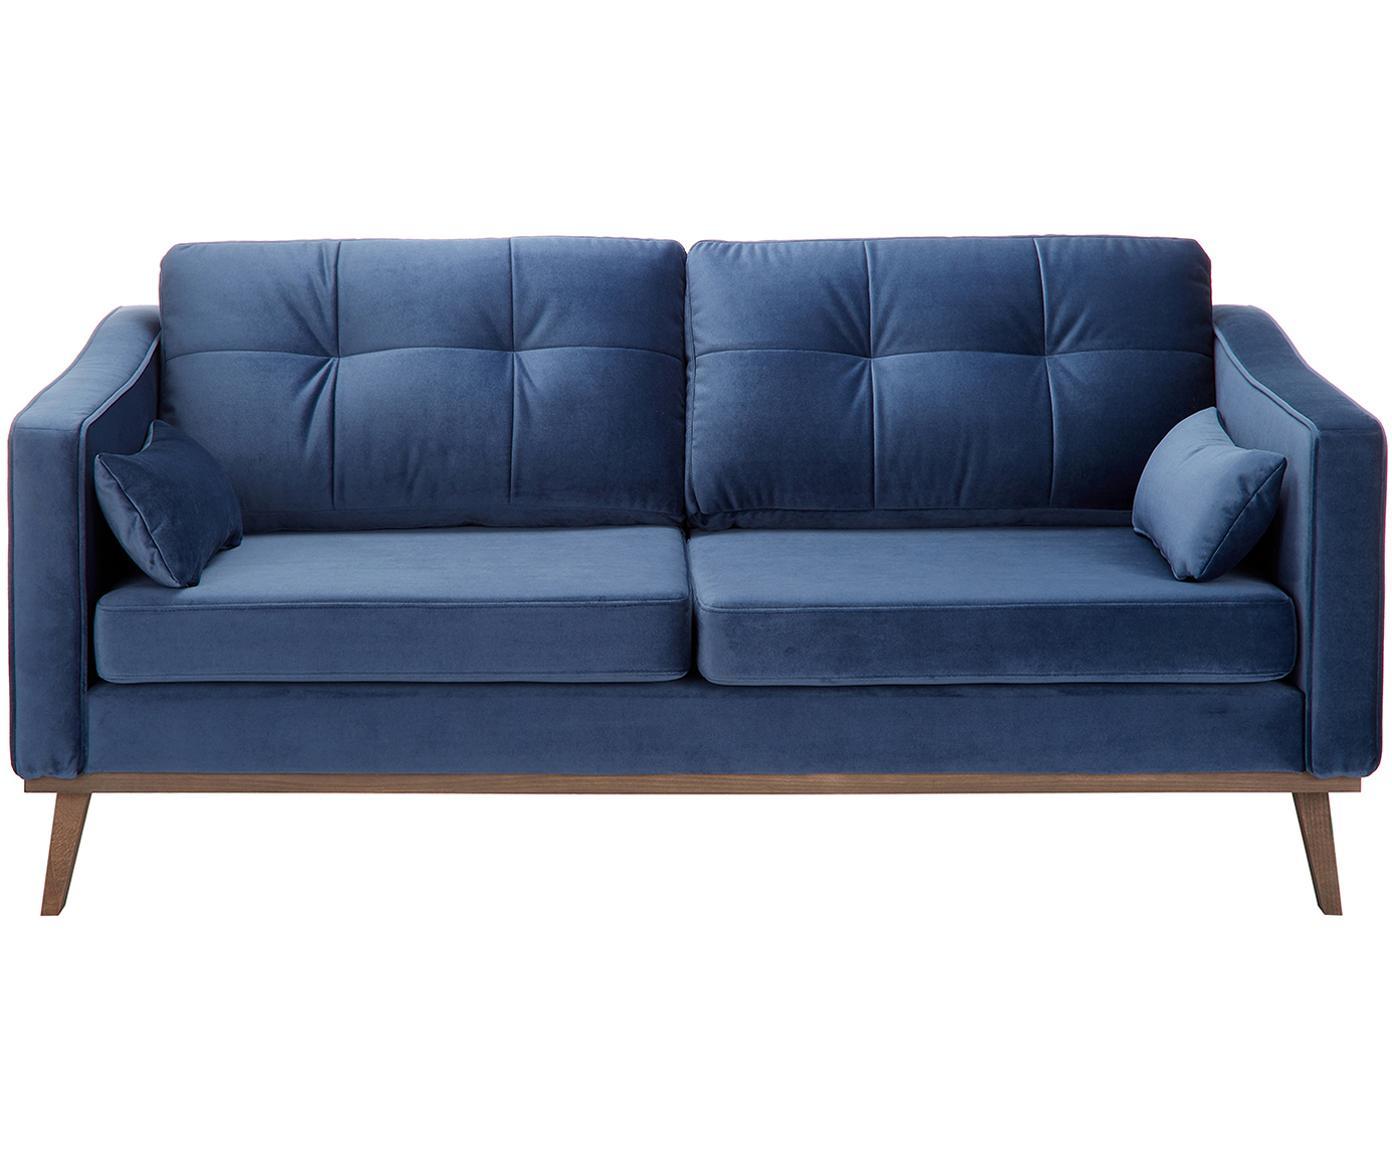 Fluwelen bank Alva (2-zits), Bekleding: fluweel (hoogwaardig poly, Frame: massief grenenhout, Poten: massief gebeitst beukenho, Marineblauw, B 184 x D 92 cm